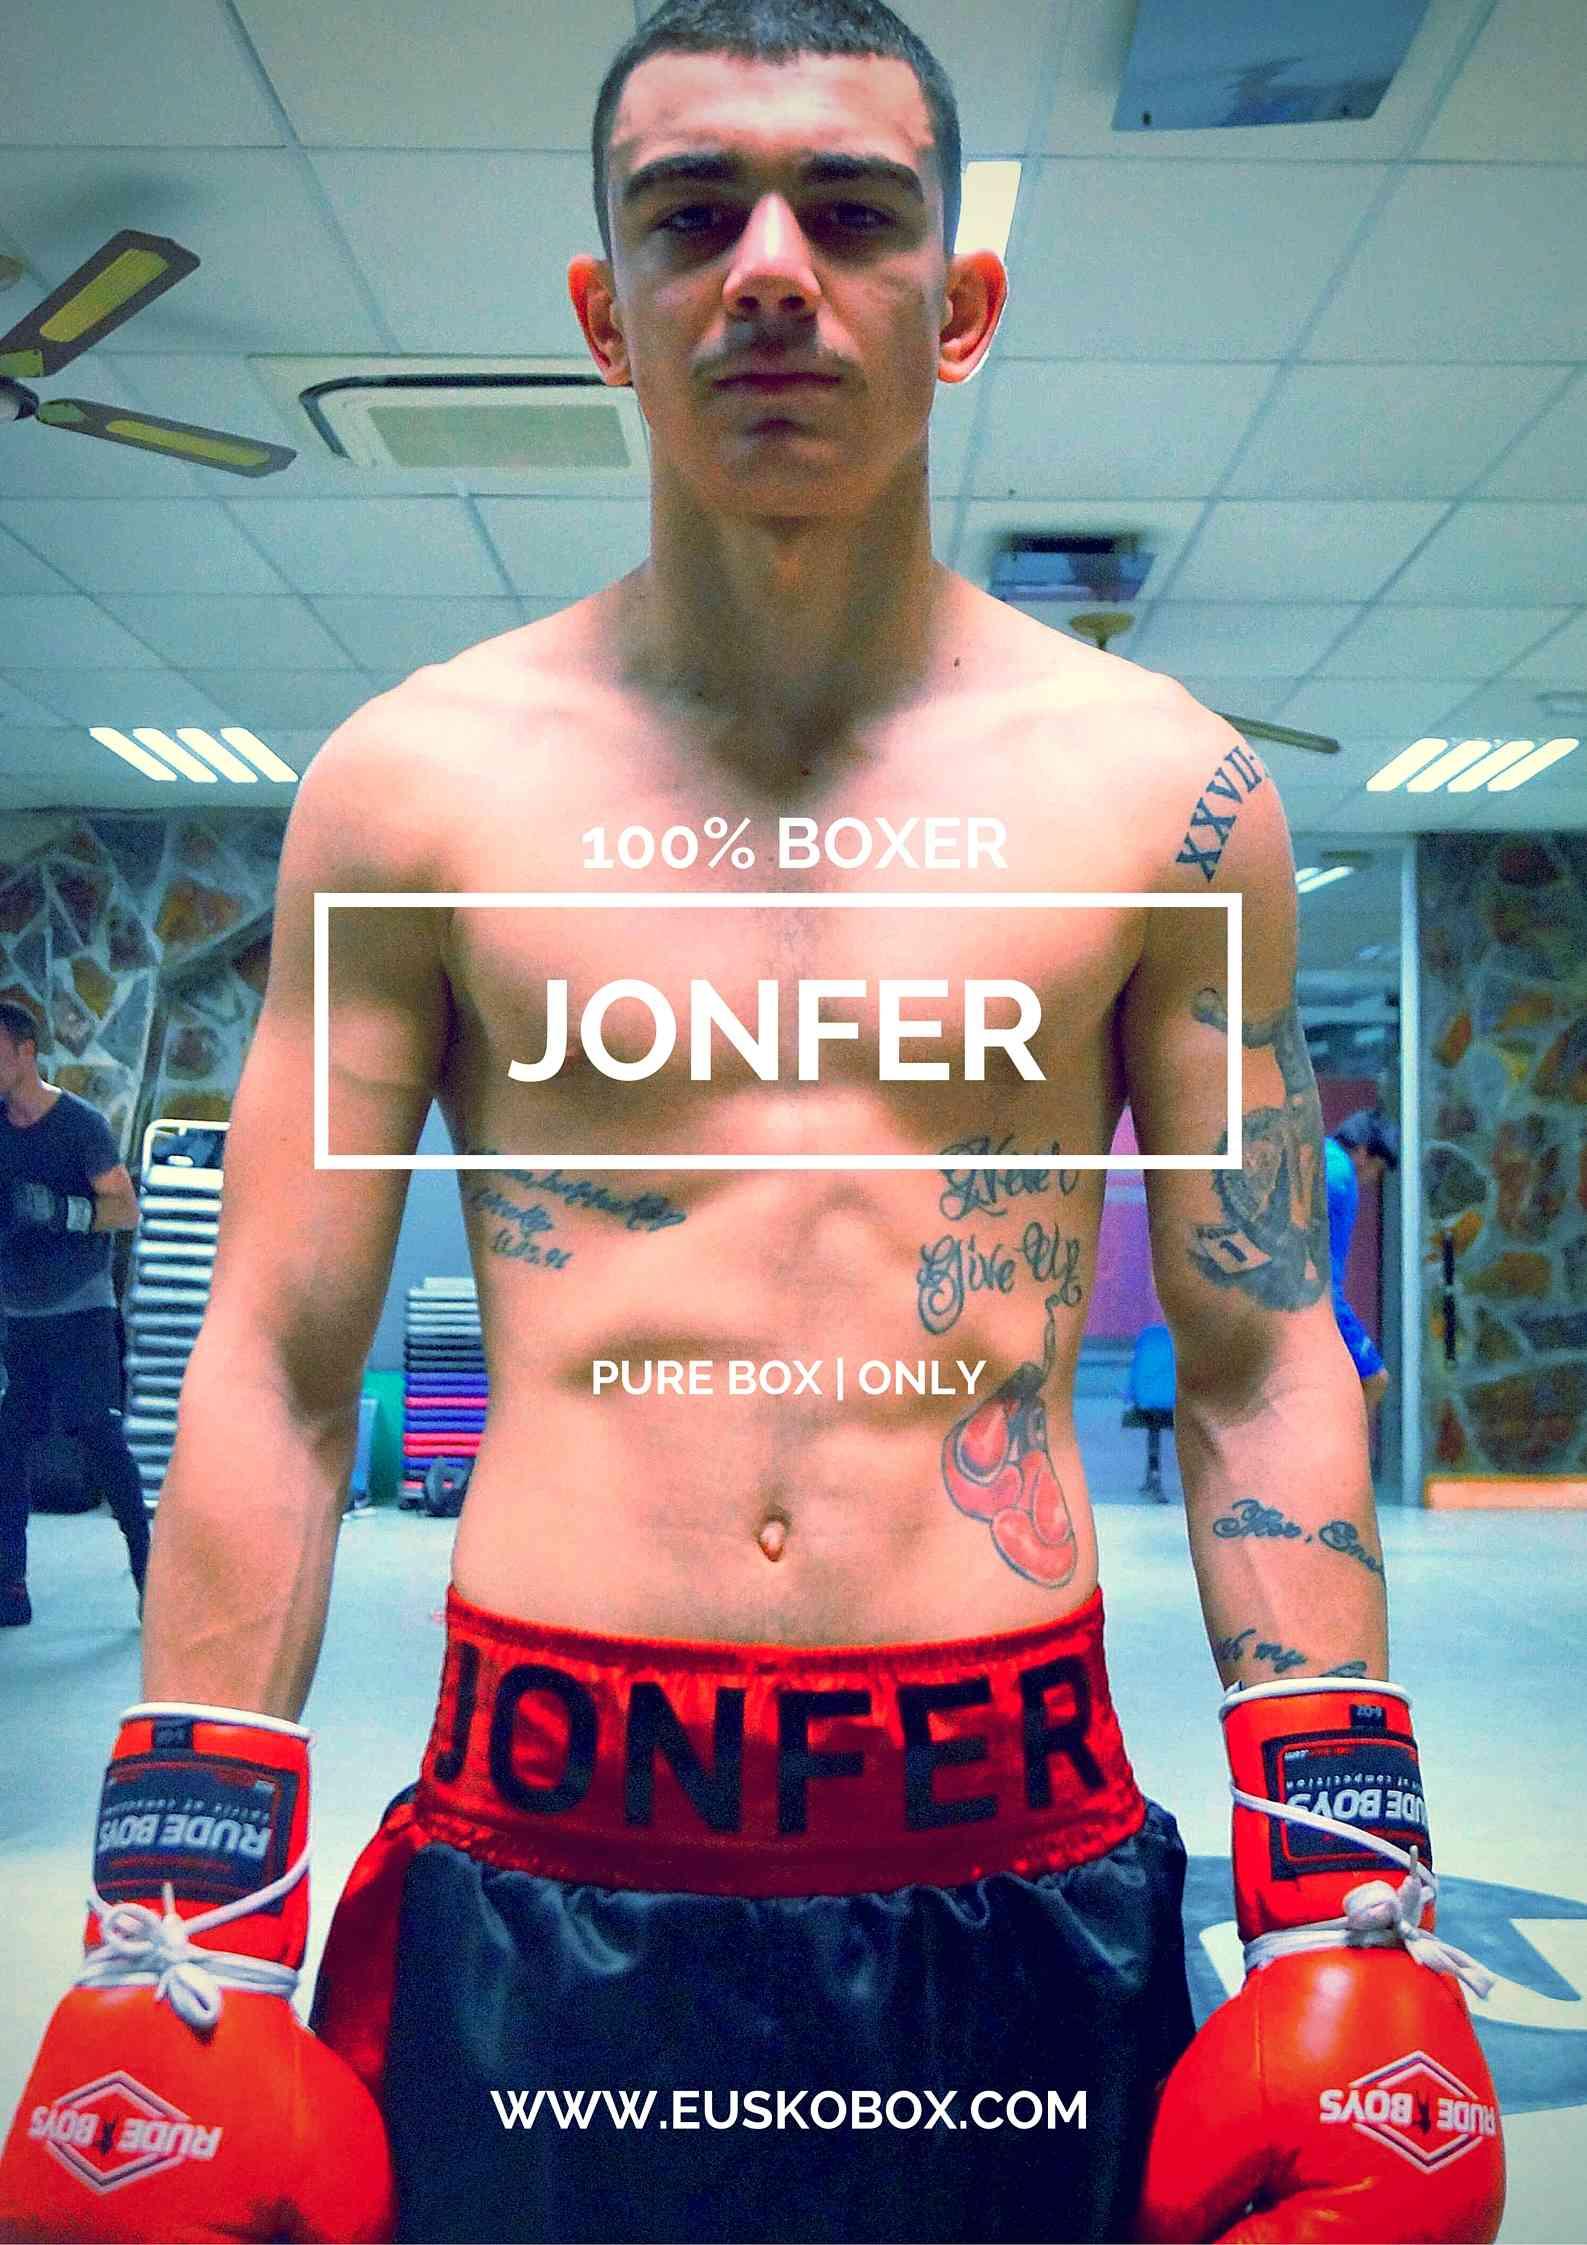 El boxeador profesional de Bilbao Bizkaia Jon Fernandez Jonfer durante un entrenamiento de boxeo en Bilbao